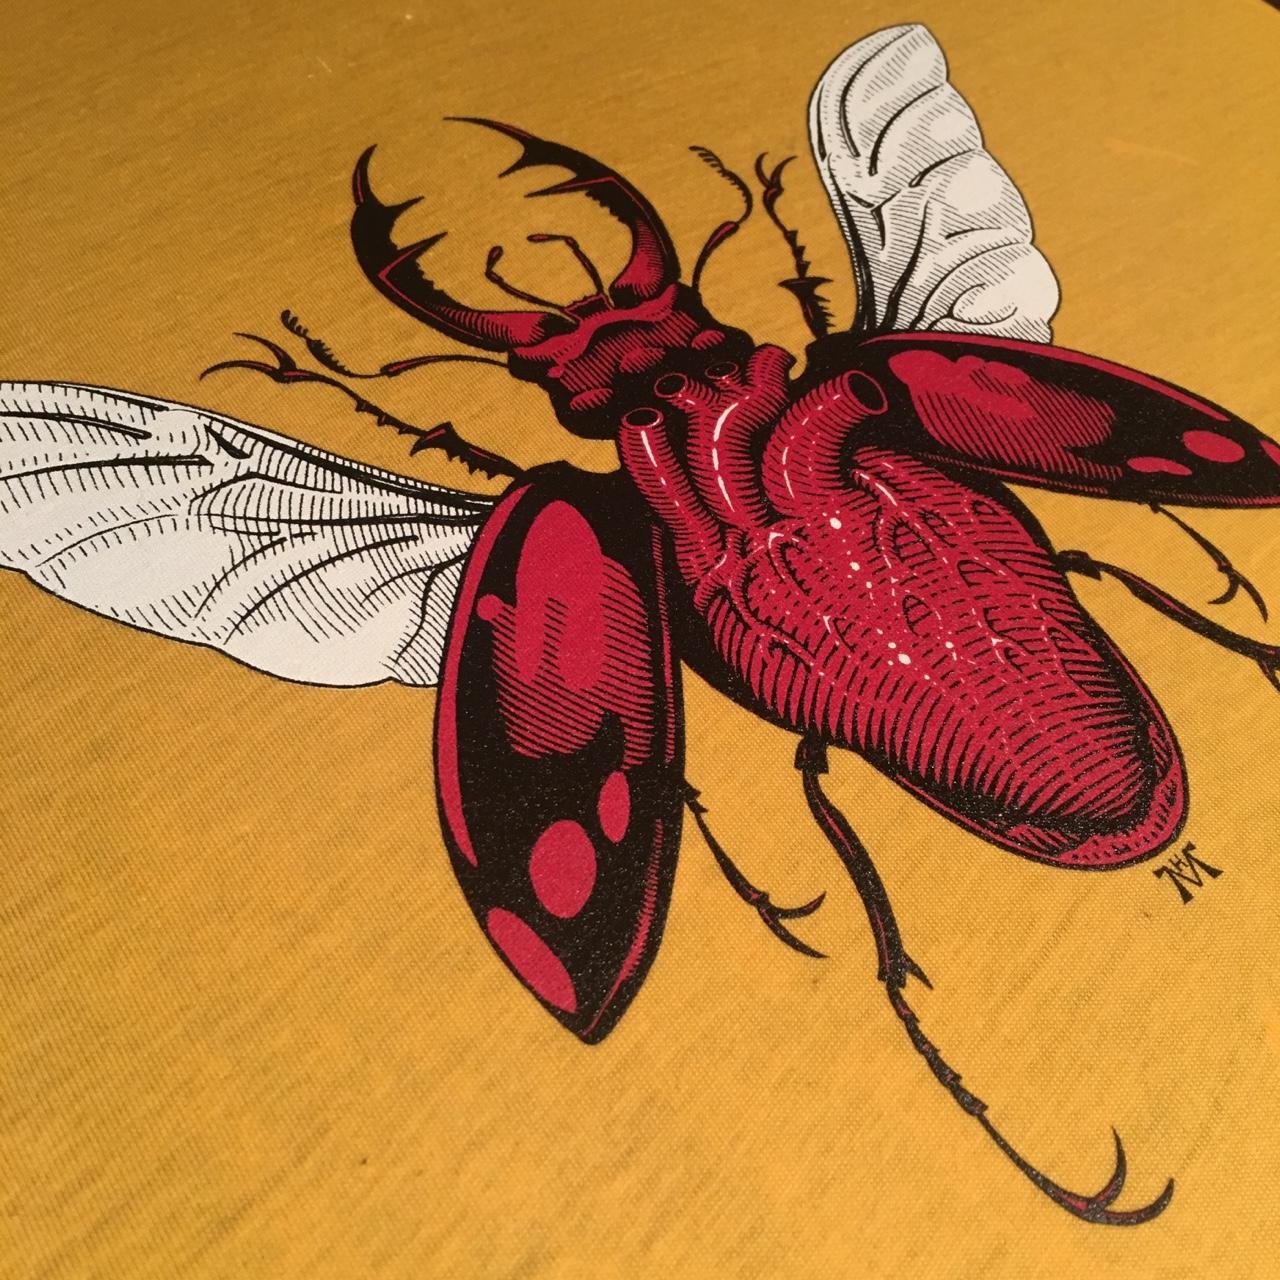 Madame Macabre: Ilustración: anatomía, escarabajos y calaveras con ...